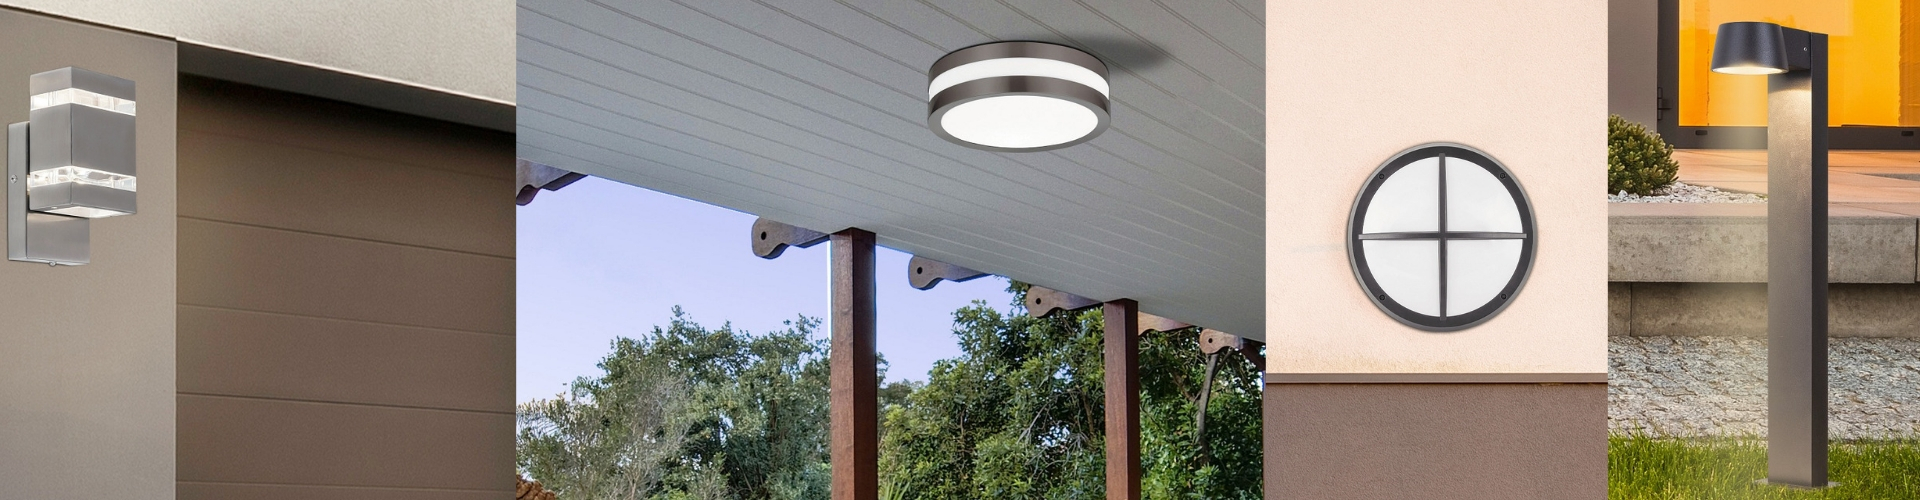 Външно LED осветление